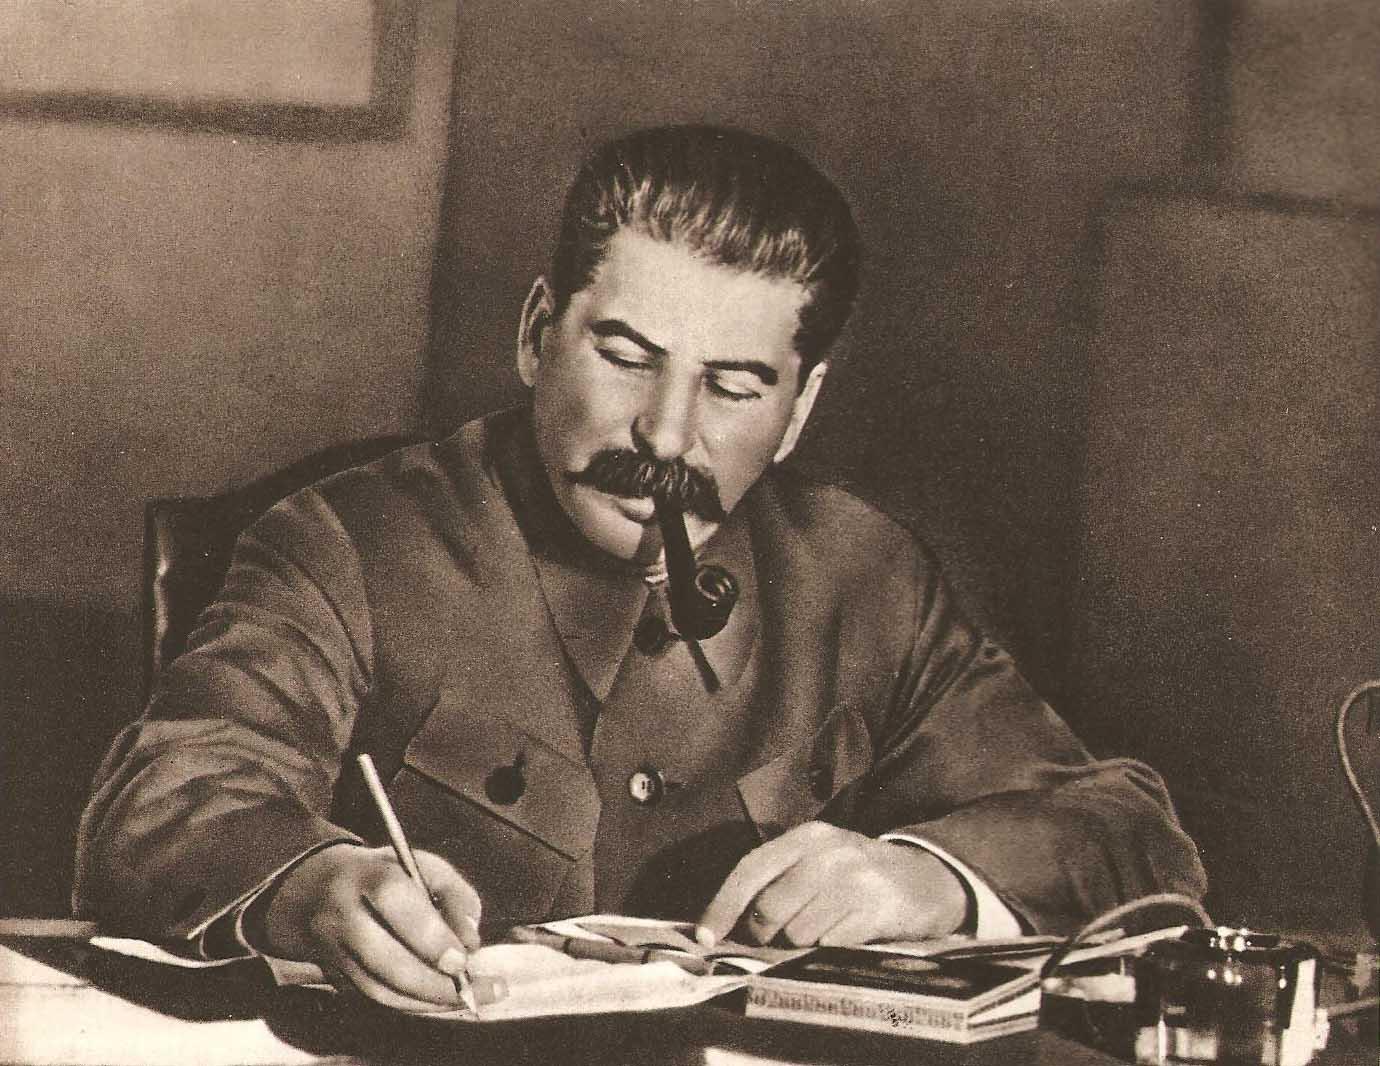 Известно, что в 1937 году у автора состоялся телефонный разговор с Иосифом Сталиным. Подробностей то